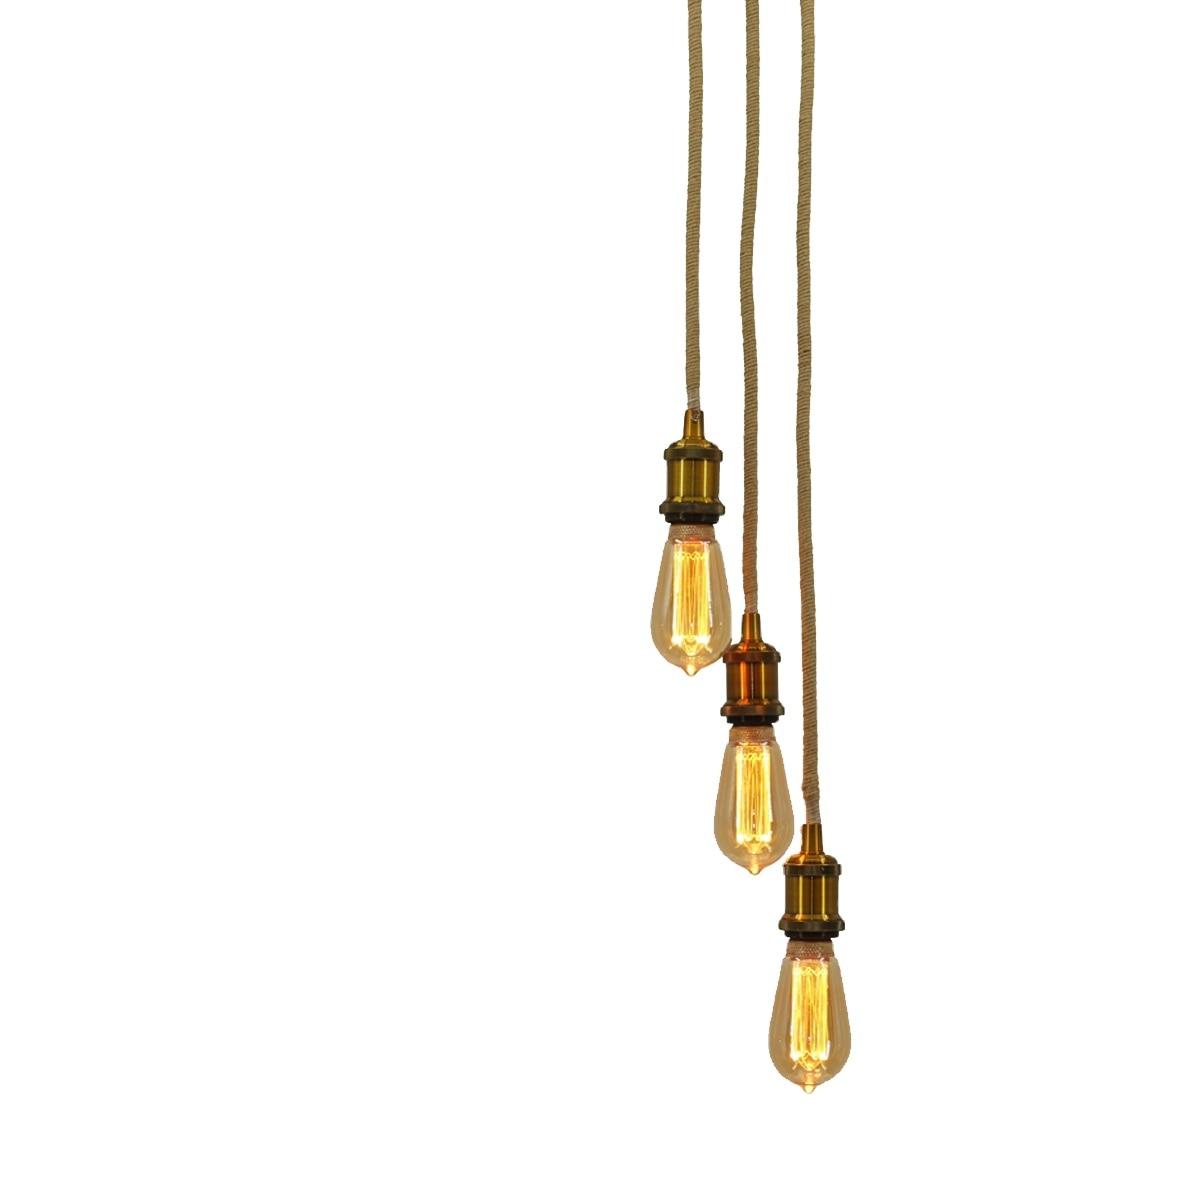 خمر حبل القنب الصناعي الثريا E26 E27 3 رؤساء قلادة ضوء للديكور المنزل